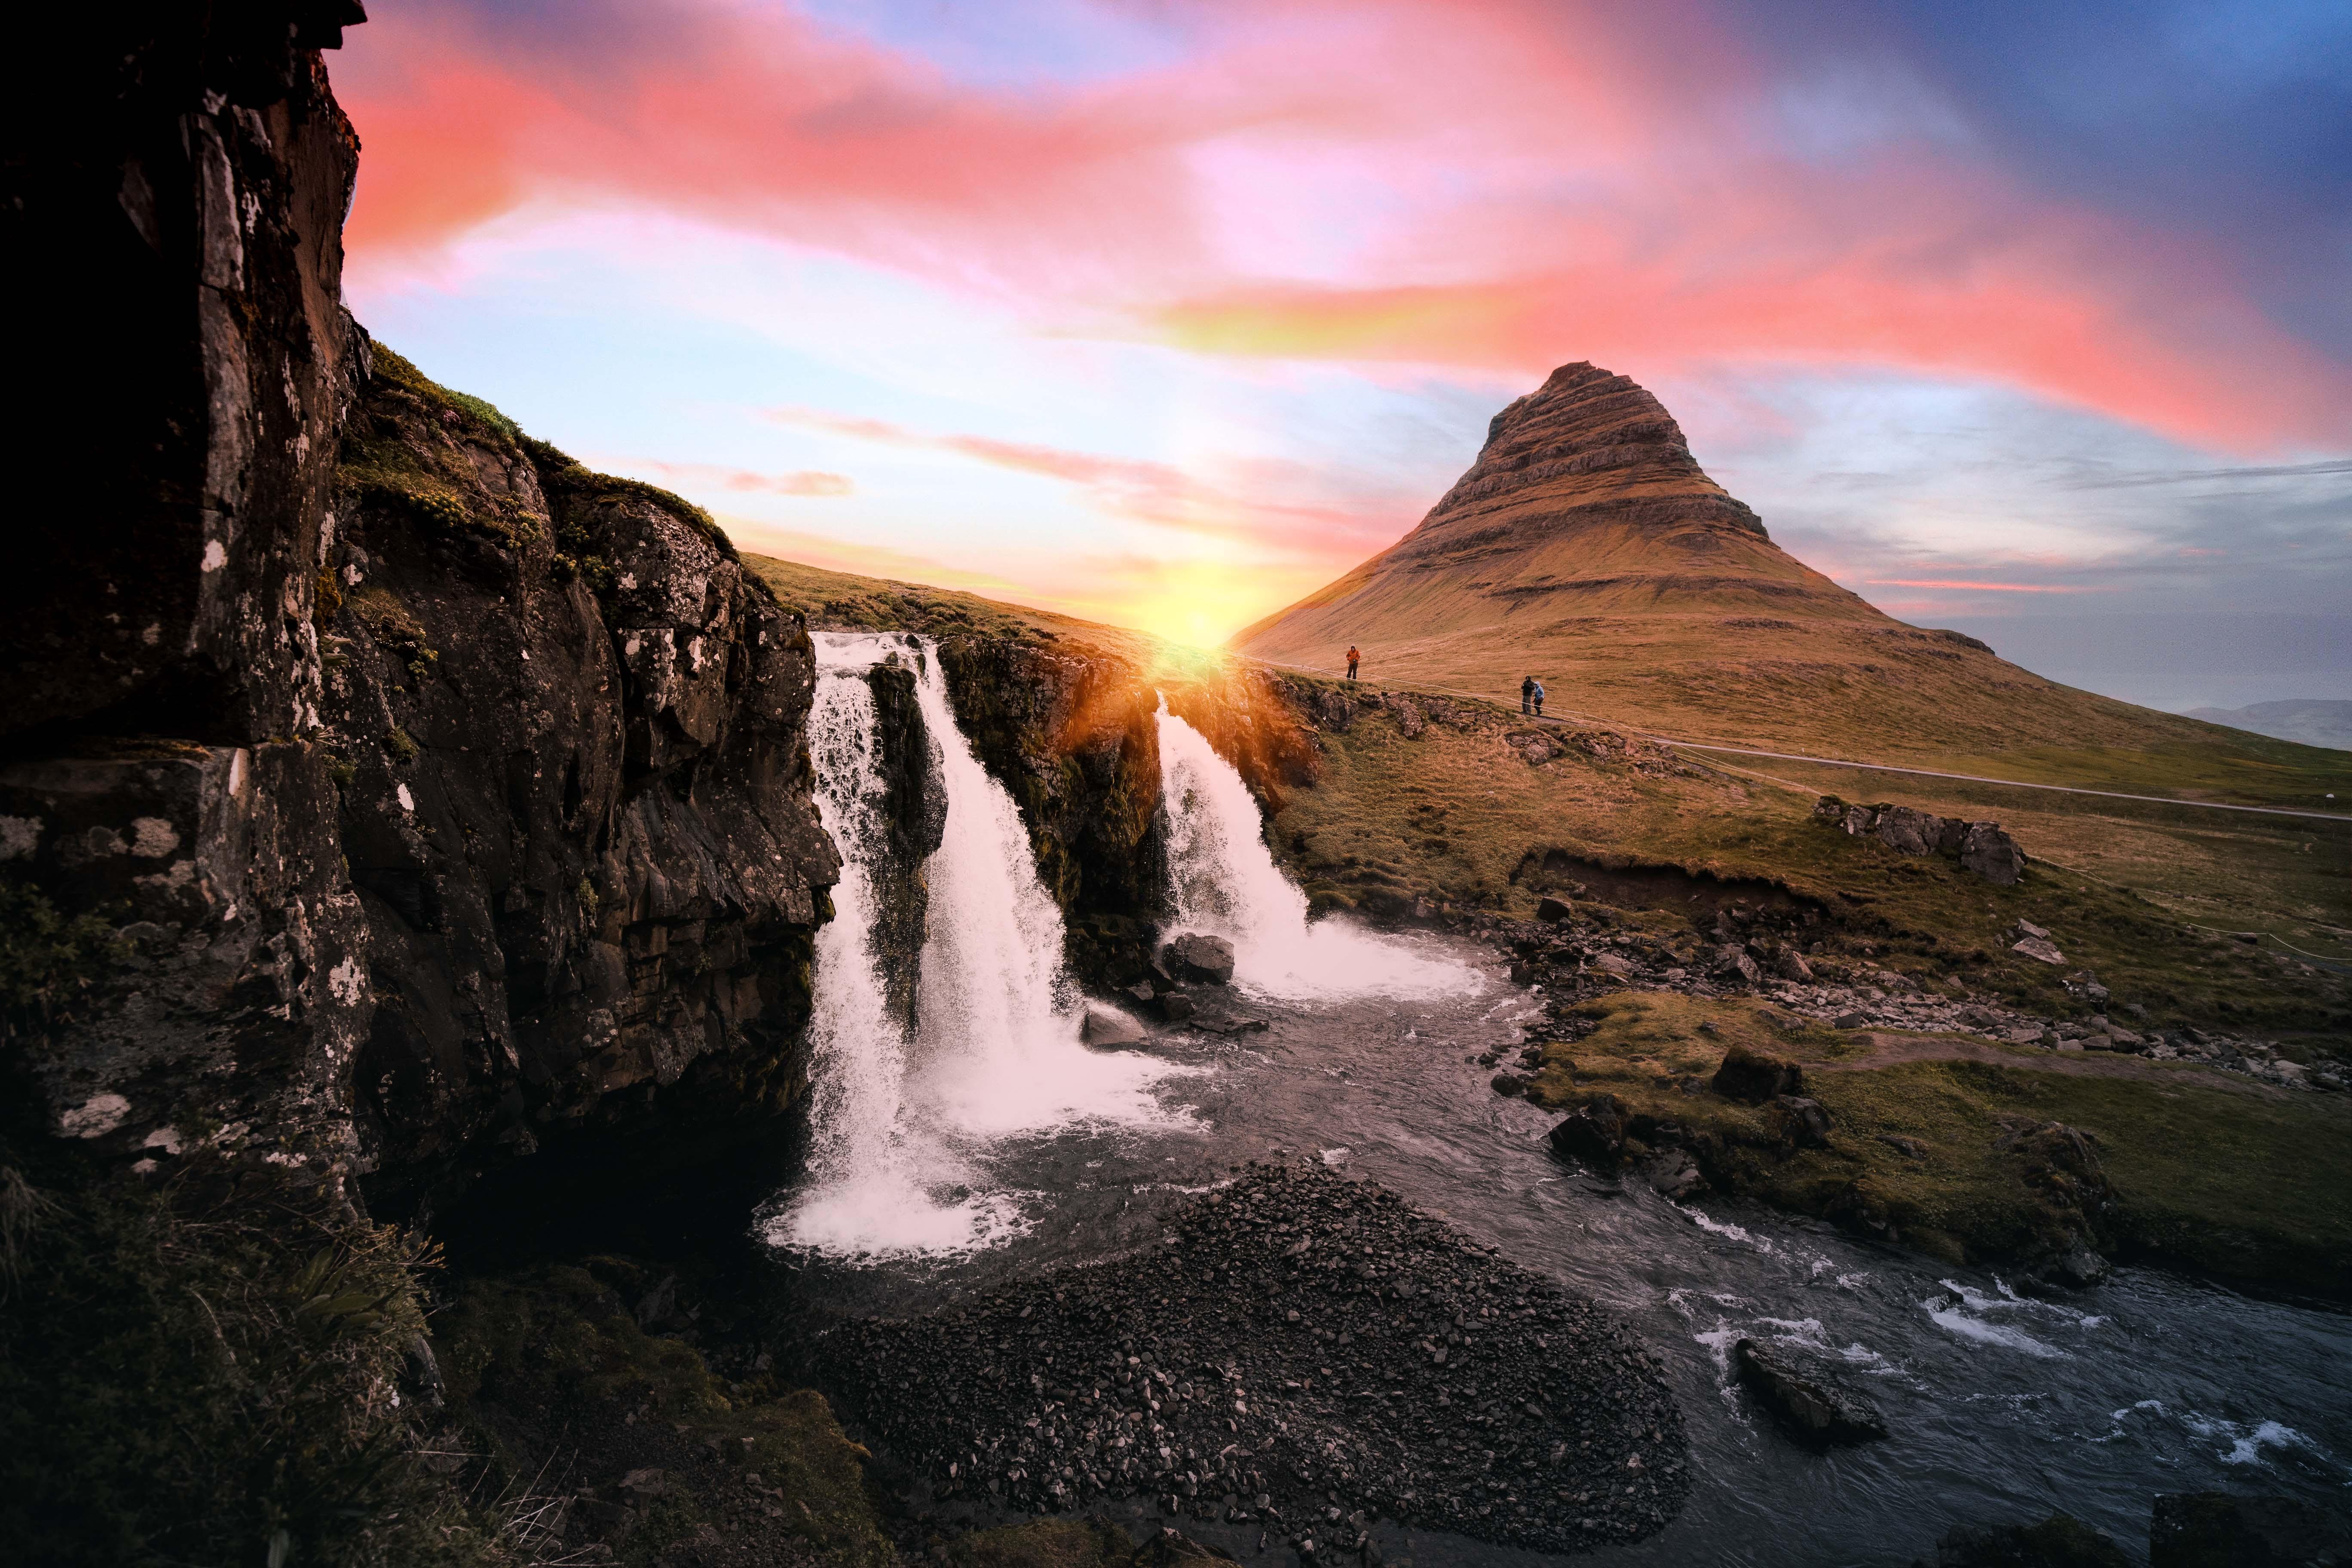 석양의 아름다운 빛을 입은 키르큐펠스포스 폭포.